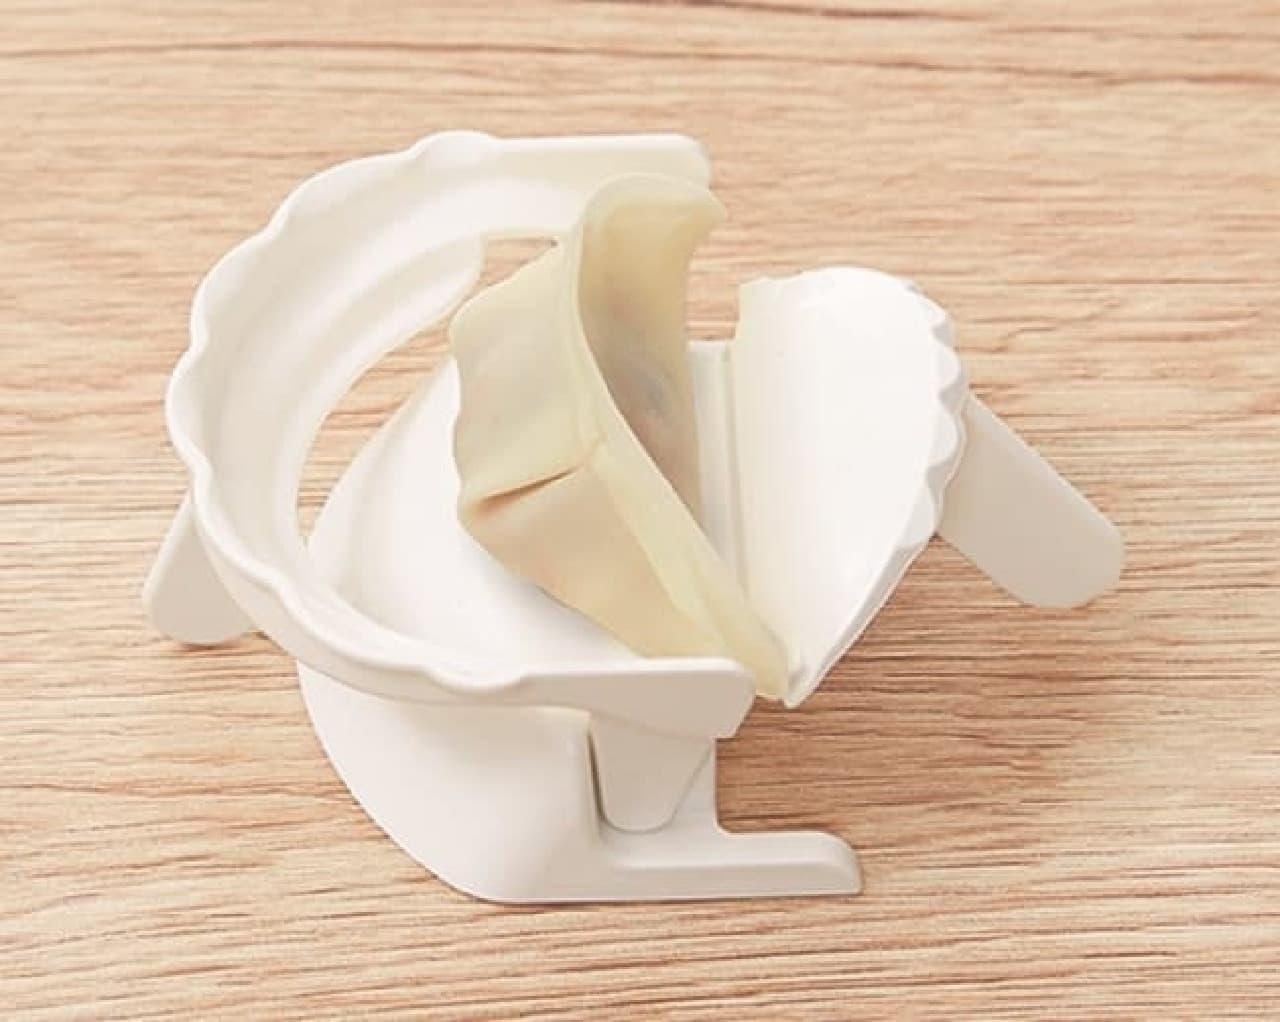 プロのような餃子を簡単に--立体的に包めて焼き目もきれいになる型がマーナから